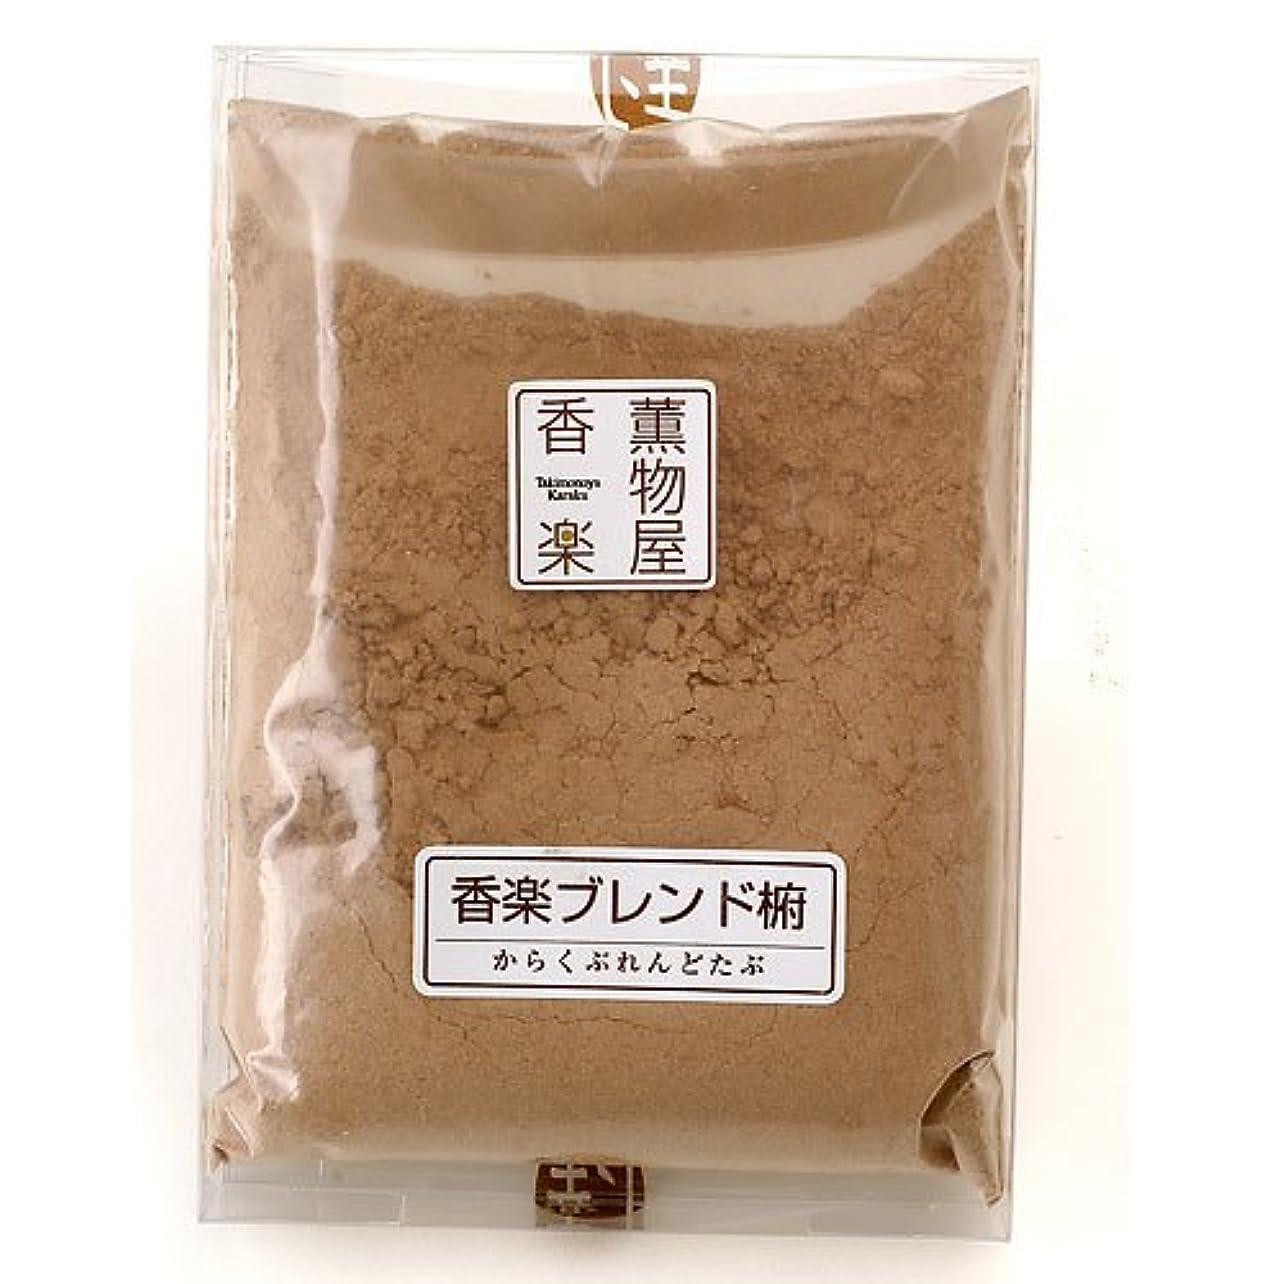 ホースパン屋配る香楽ブレンド椨 タブ粉 線香?練香の基材(のり材)